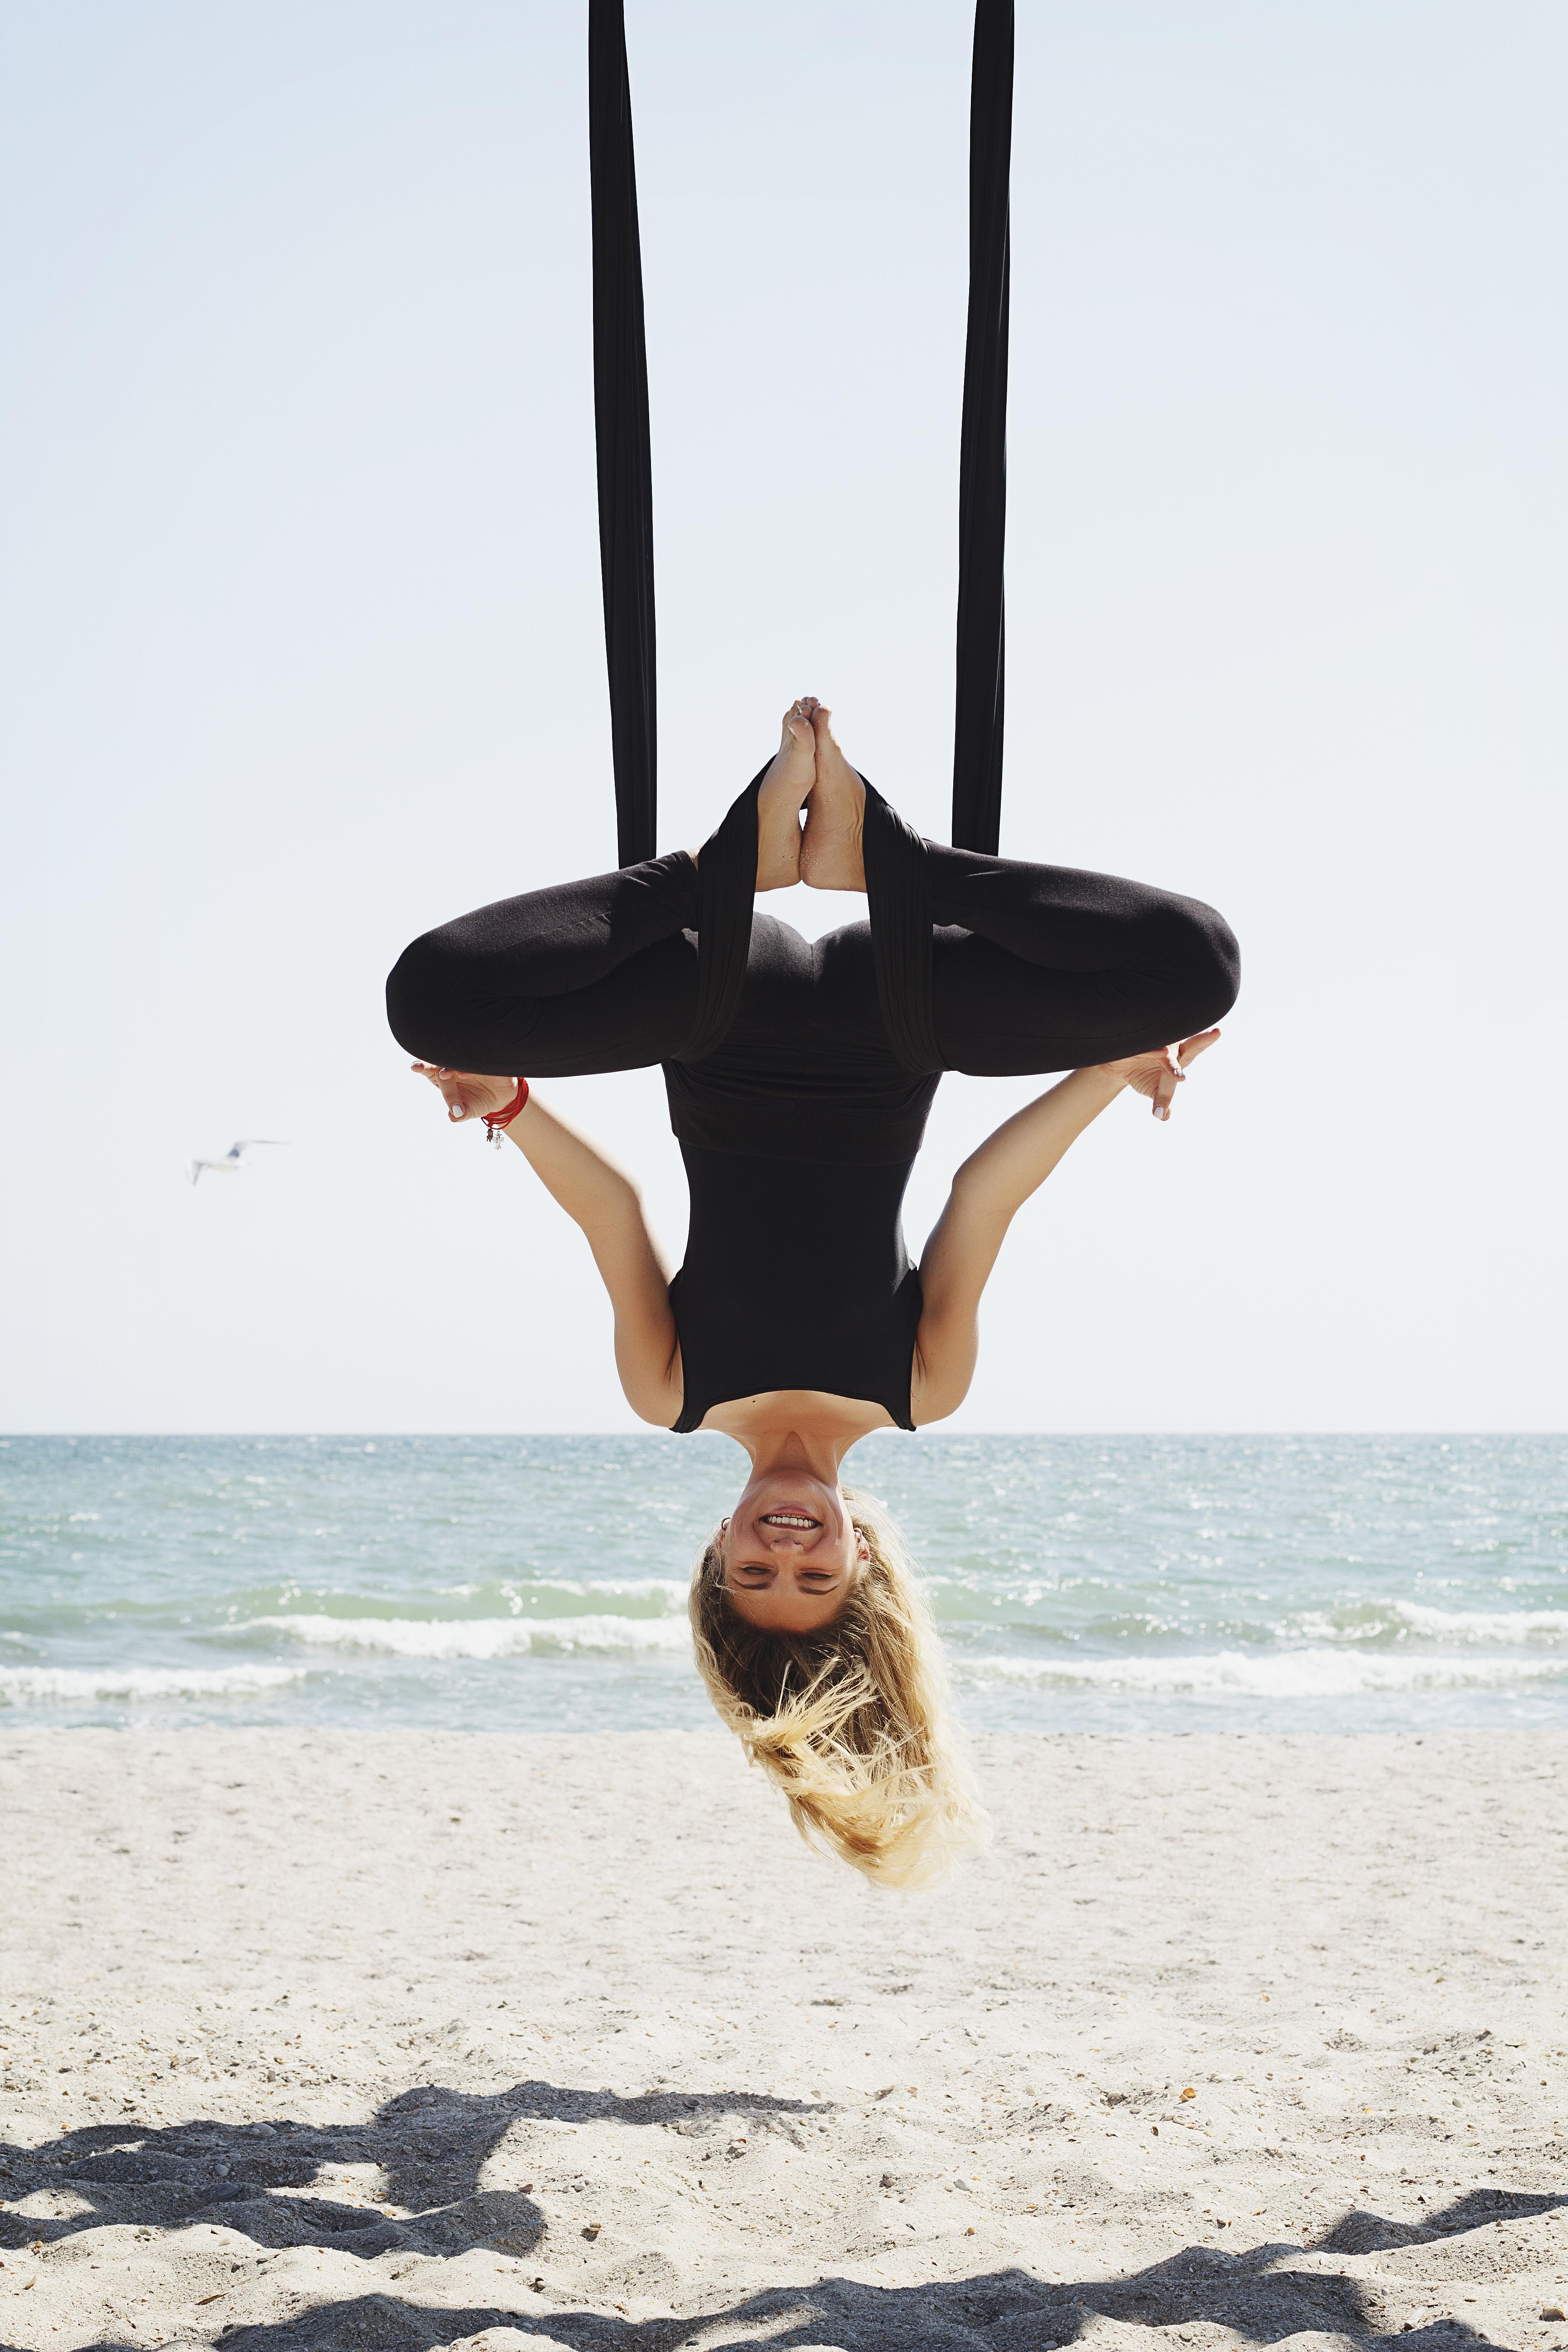 Aerial Yoga Hammocks For Sale